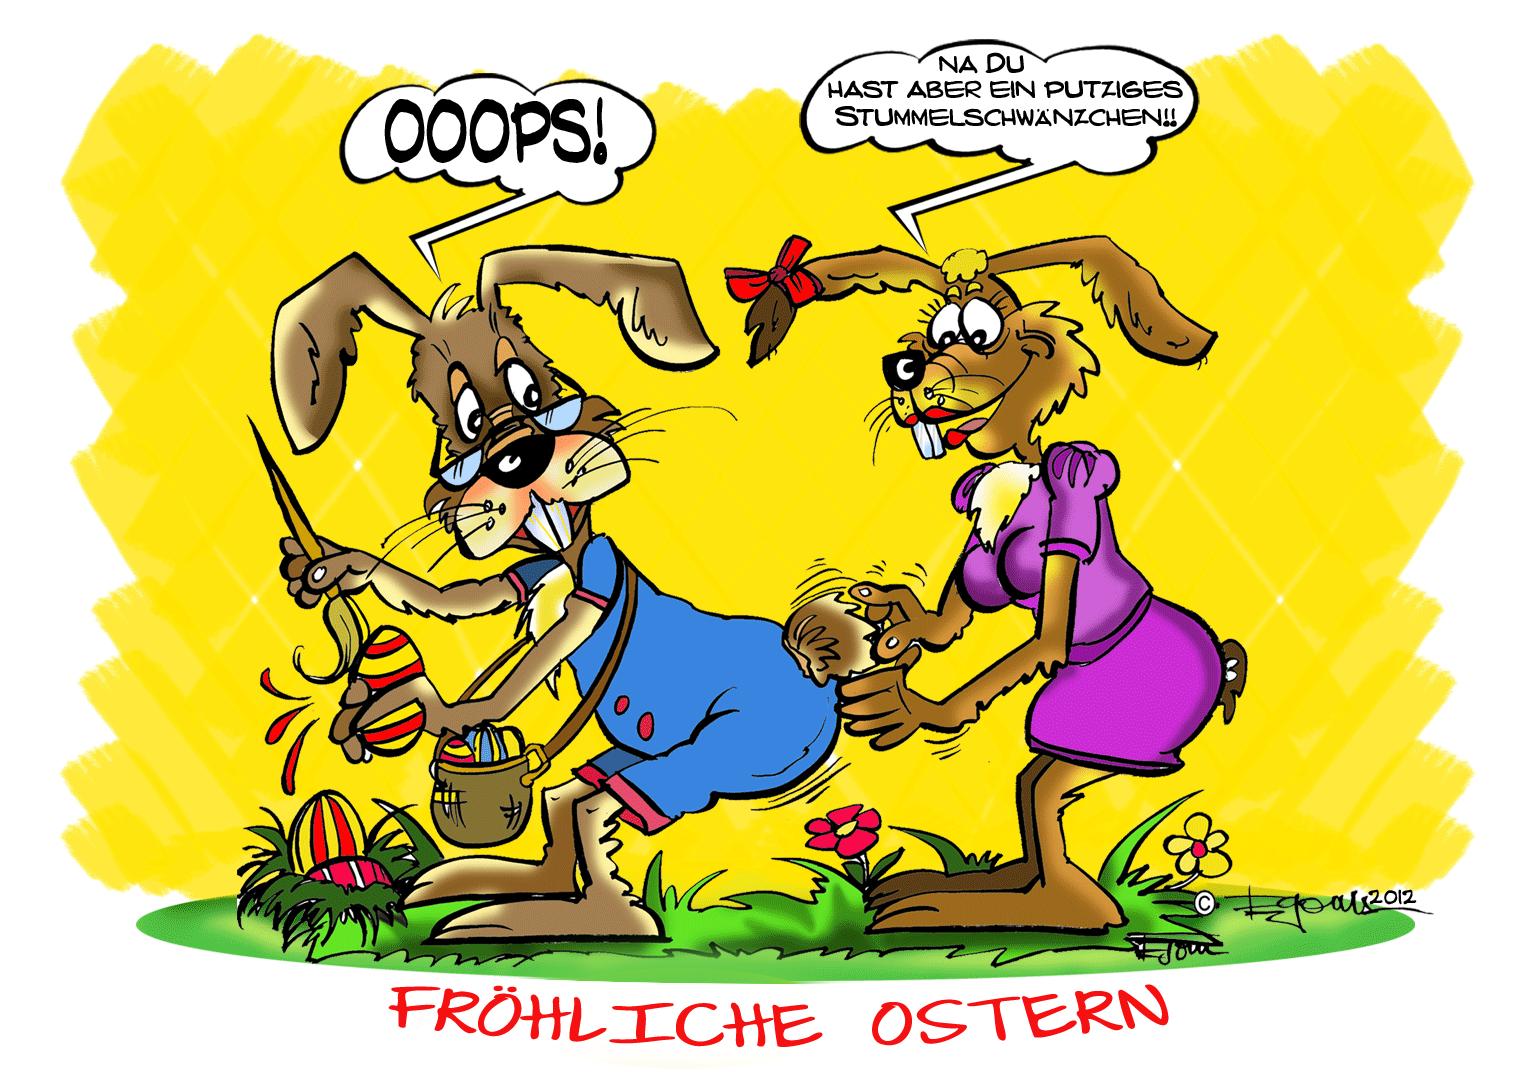 Witzige Ostergrüße Bilder 2021